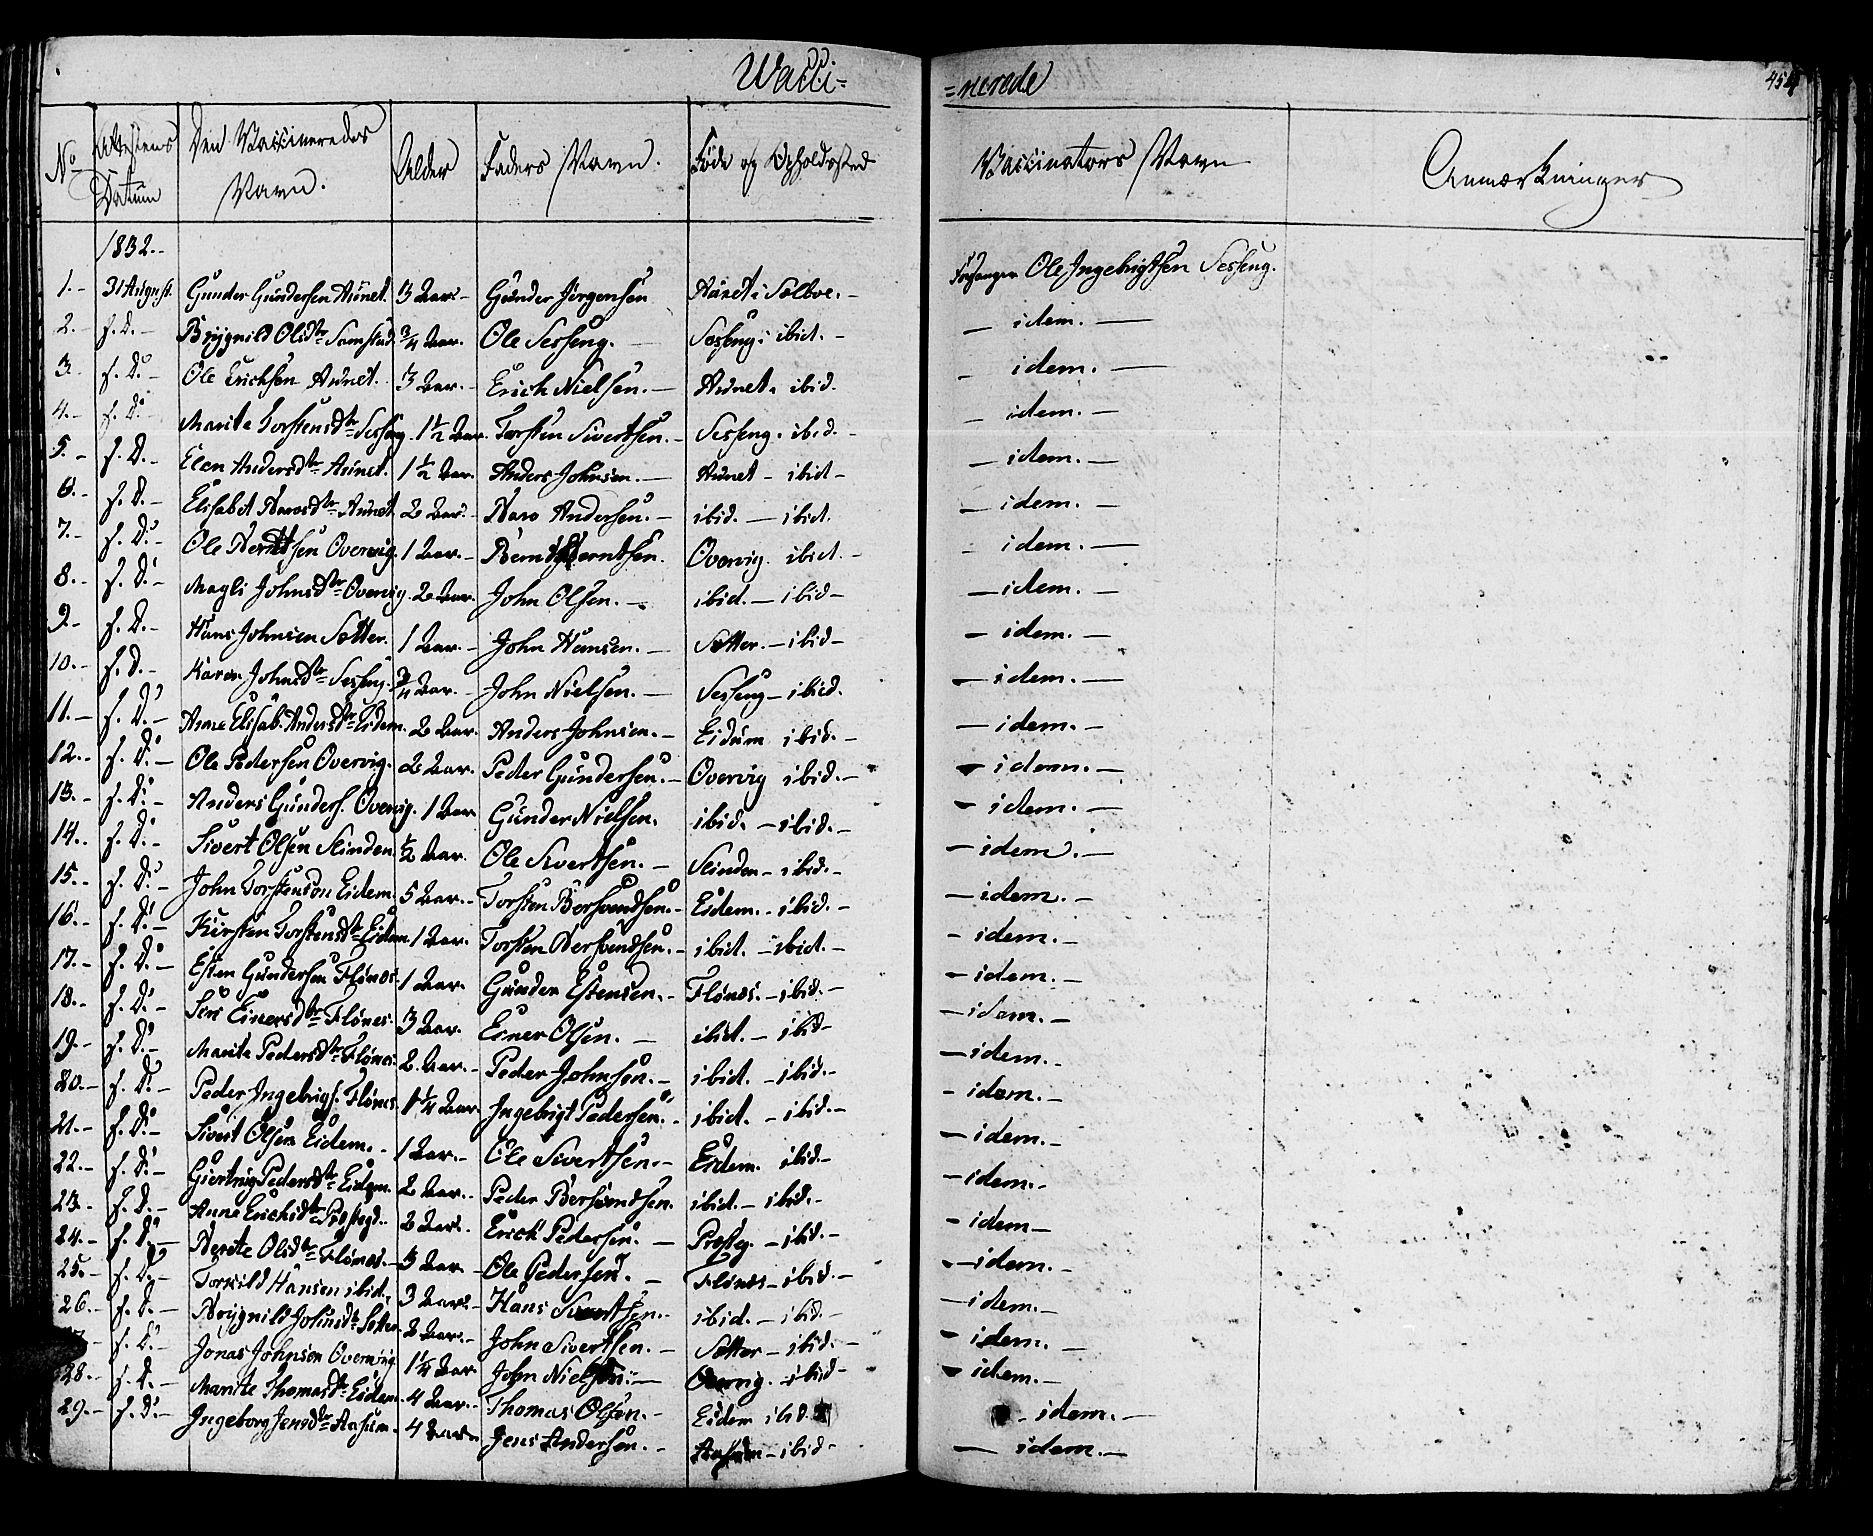 SAT, Ministerialprotokoller, klokkerbøker og fødselsregistre - Sør-Trøndelag, 695/L1143: Ministerialbok nr. 695A05 /1, 1824-1842, s. 454